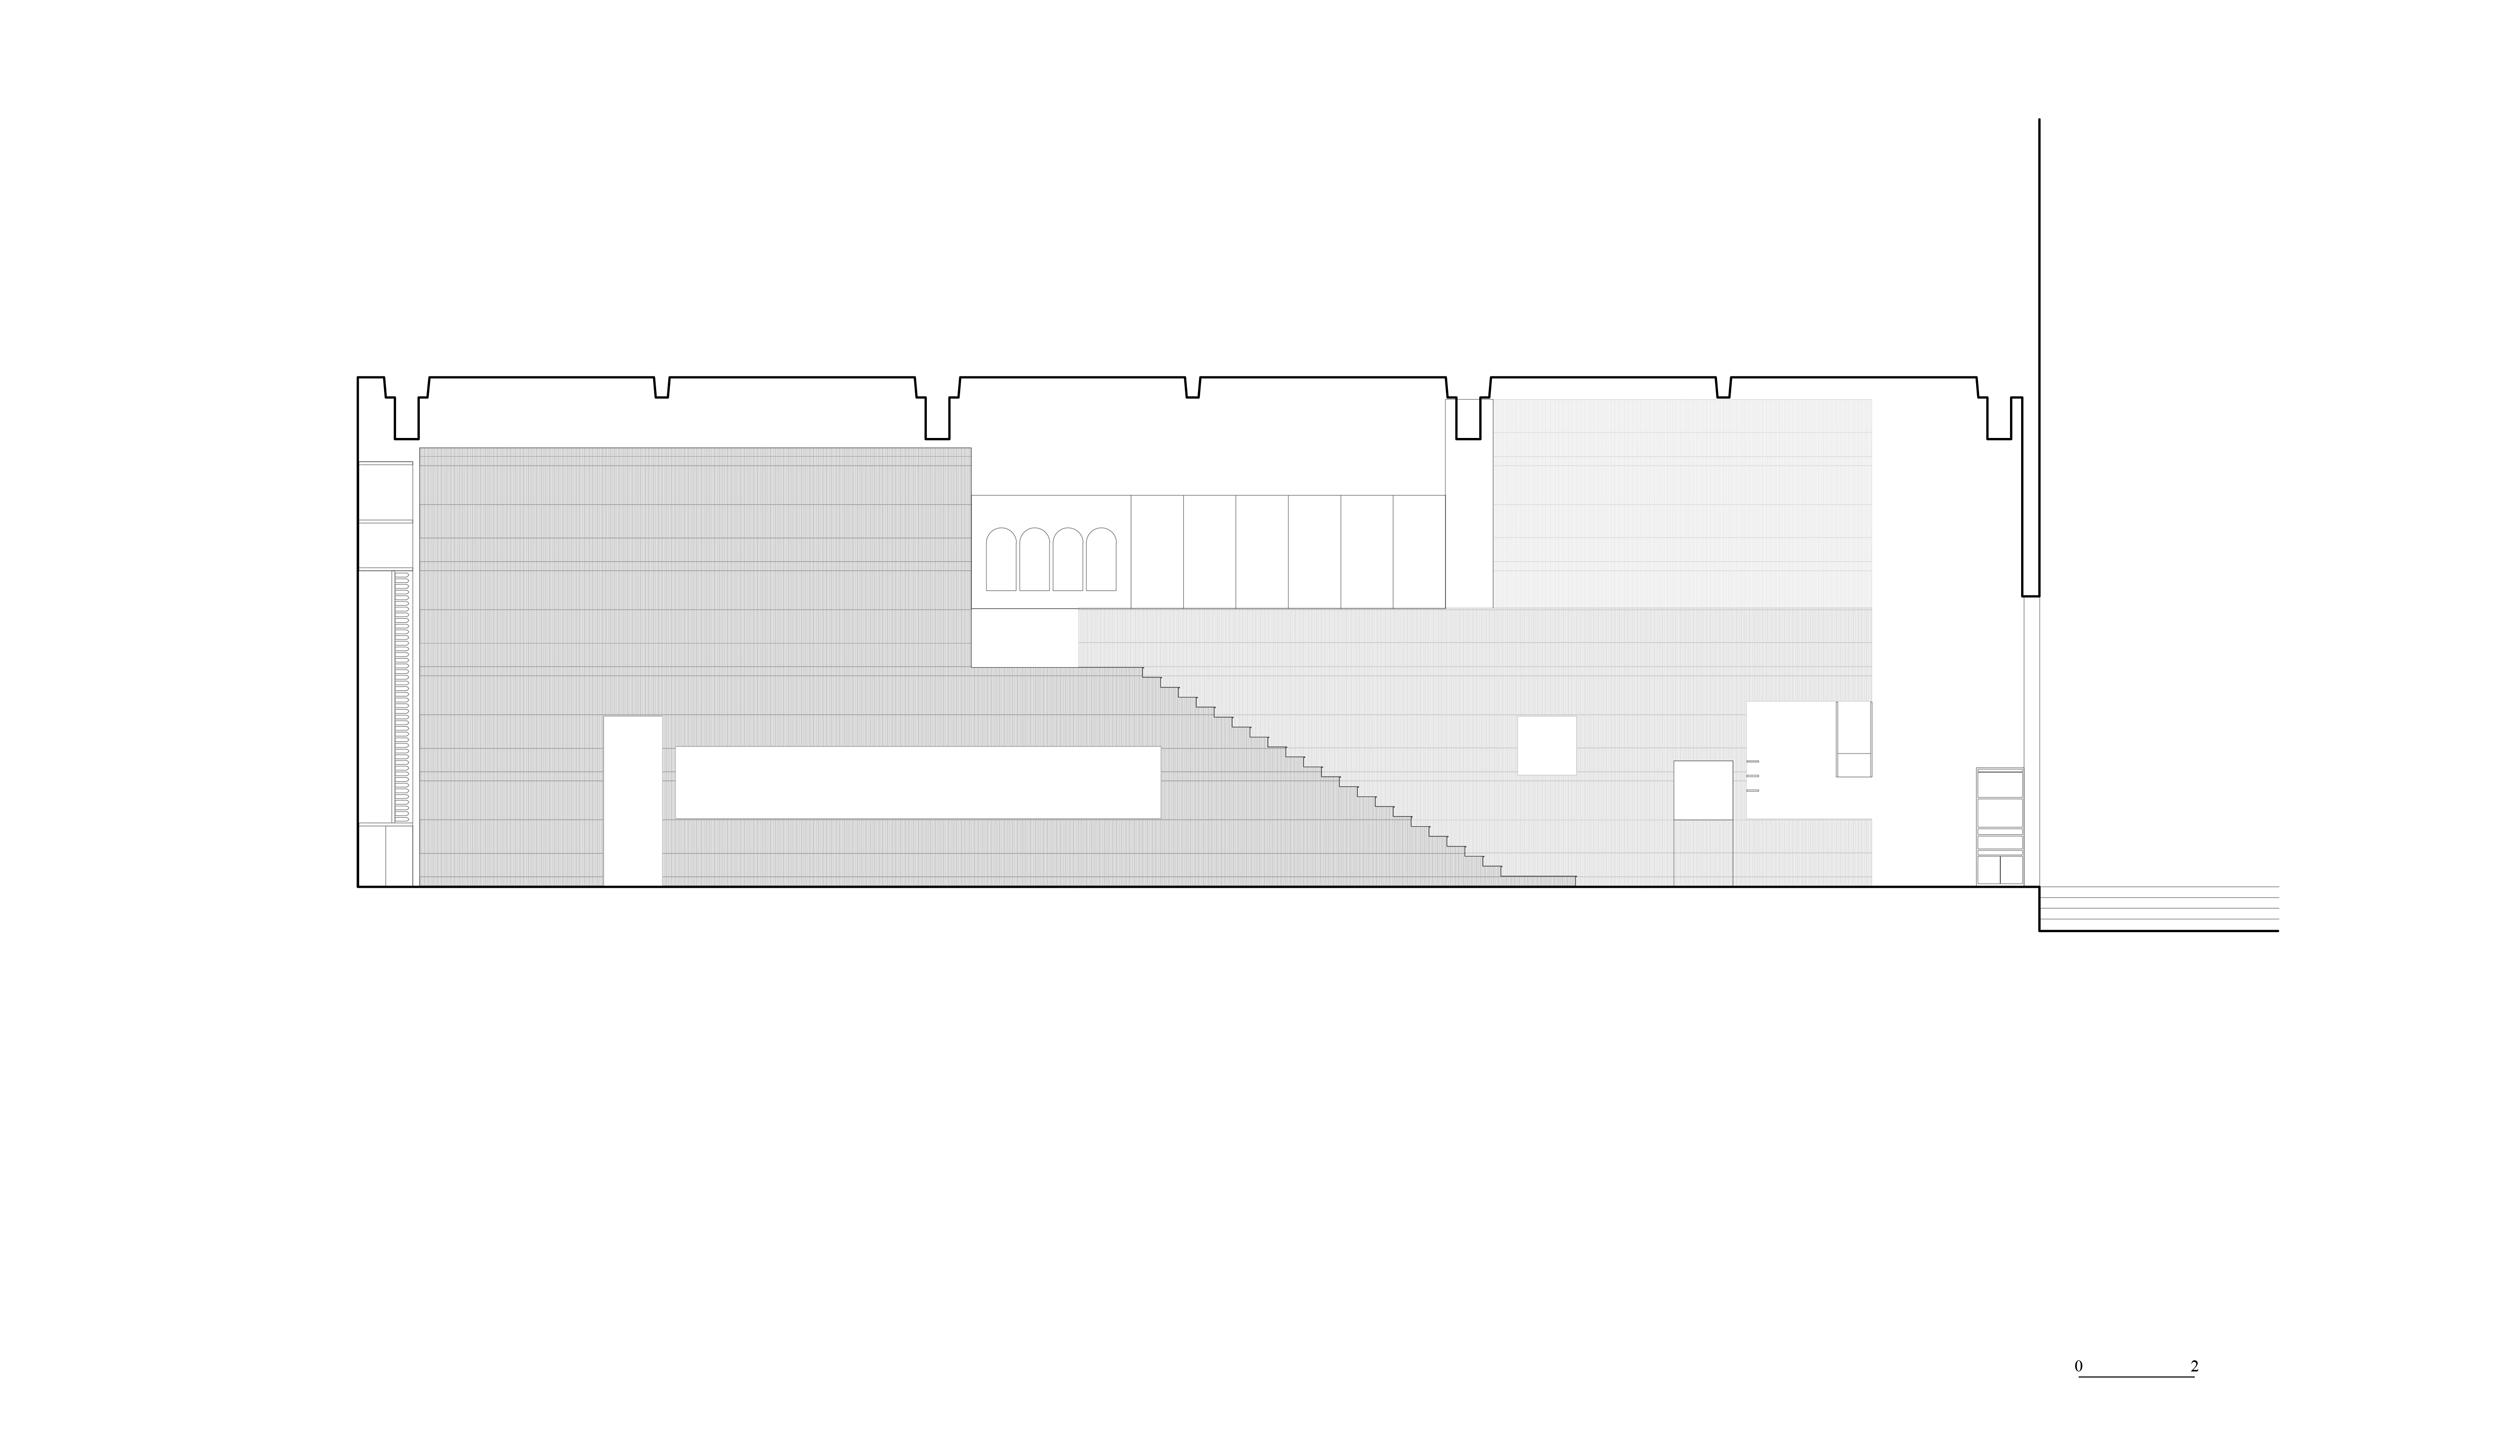 bavette-section-01.jpg